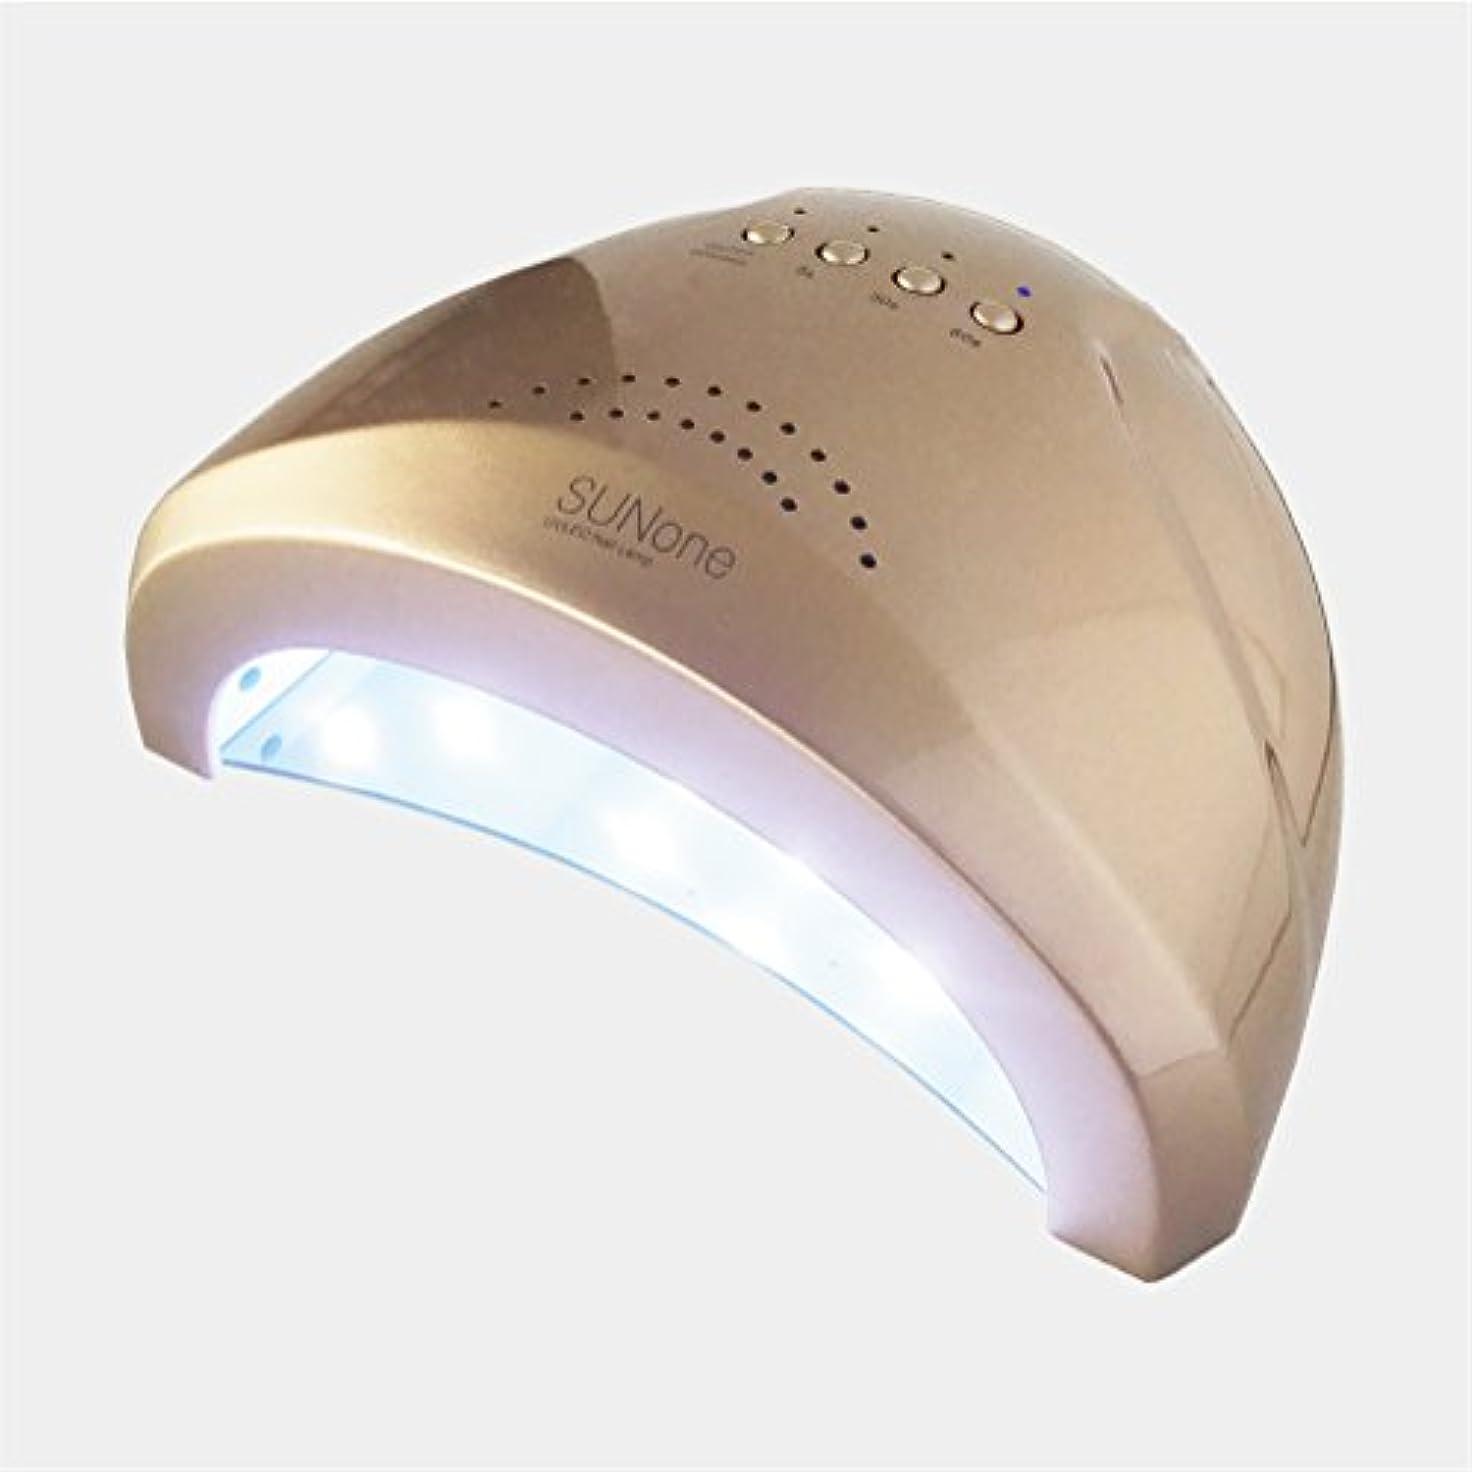 お手伝いさんインシュレータ電子レンジジェルネイル?クラフトレジン 48w UV/LEDライト 2in1 人感センサー付き ネイルドライヤー UV/LED兼用ライト 【保証付き】 カラー:ゴールド